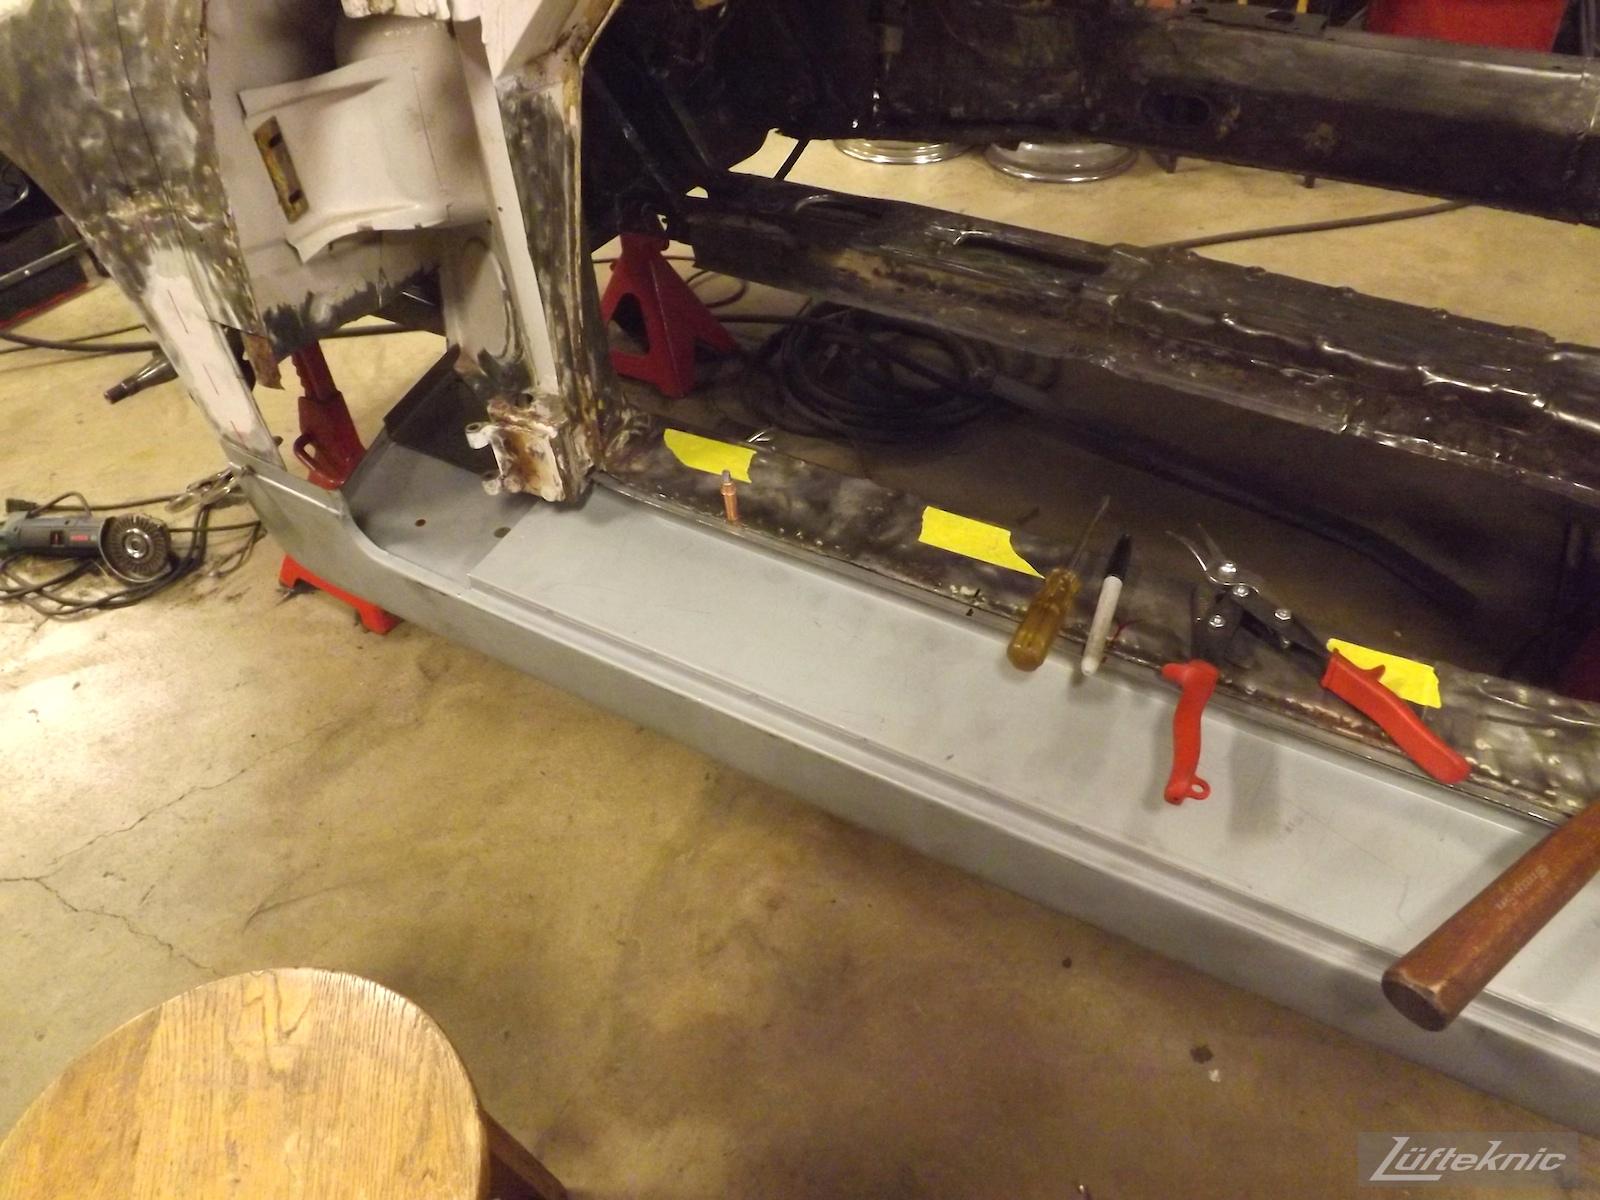 Rocker repair on a White 1964 Porsche 356SC restoration.